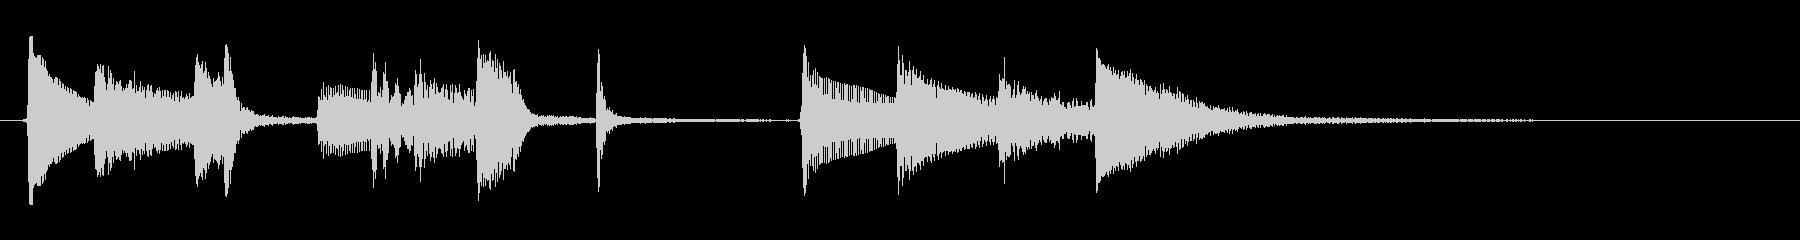 オシャレなアコギのジングルその2の未再生の波形